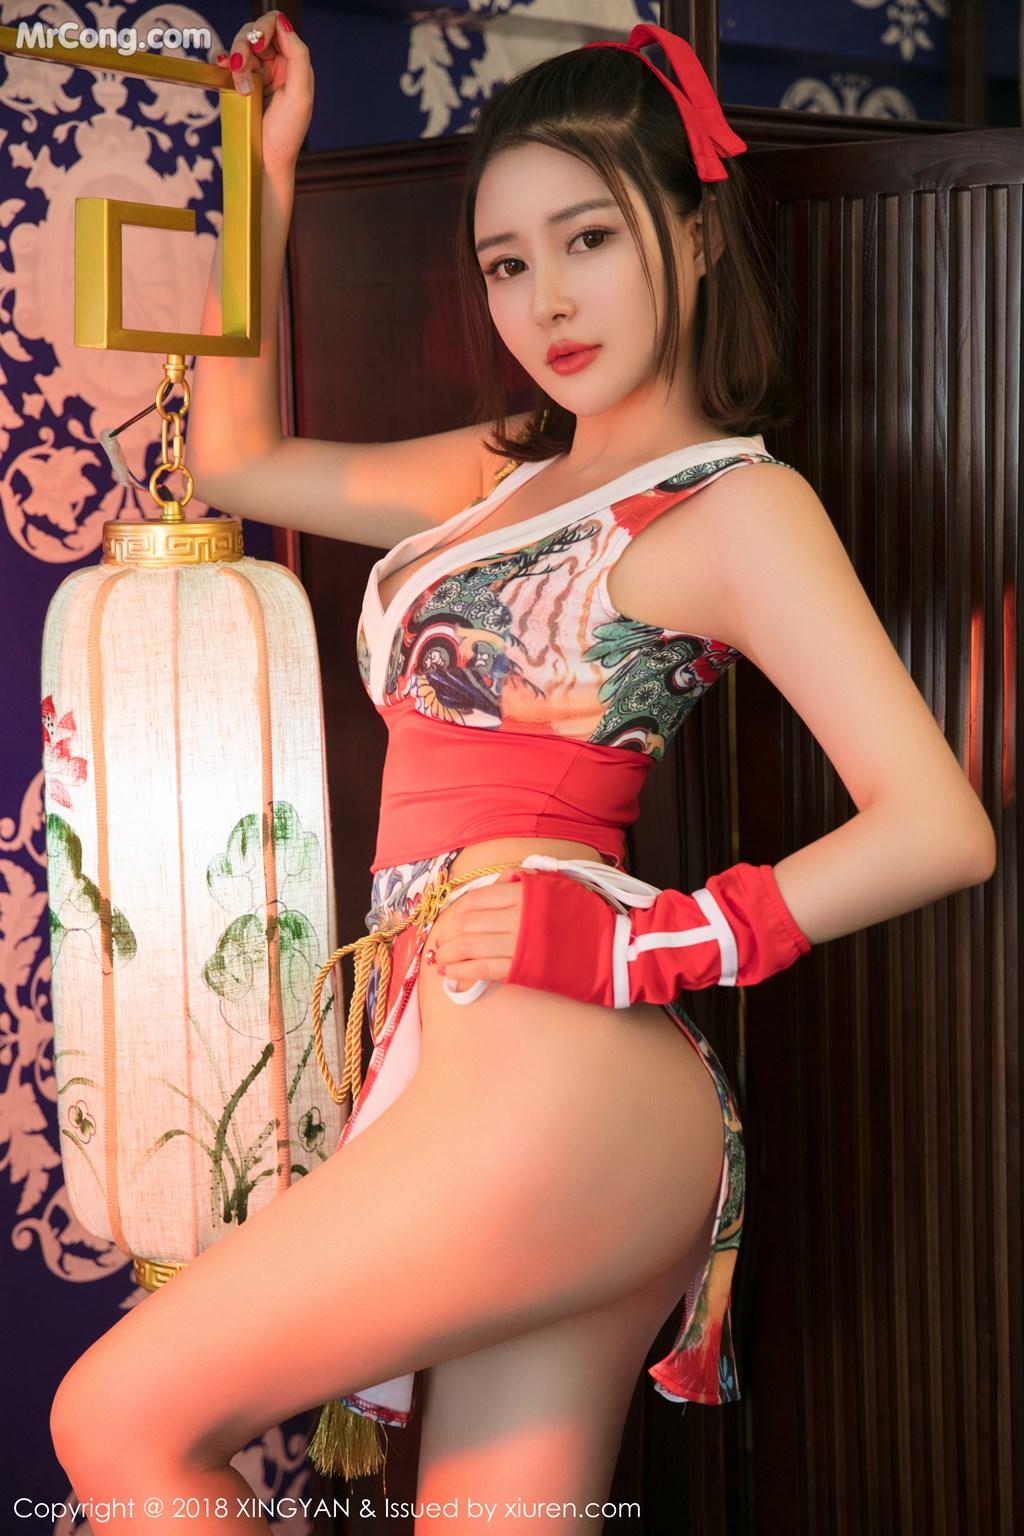 Image XingYan-Vol.028-MrCong.com-004 in post XingYan Vol.028: Người mẫu 廿十 (41 ảnh)